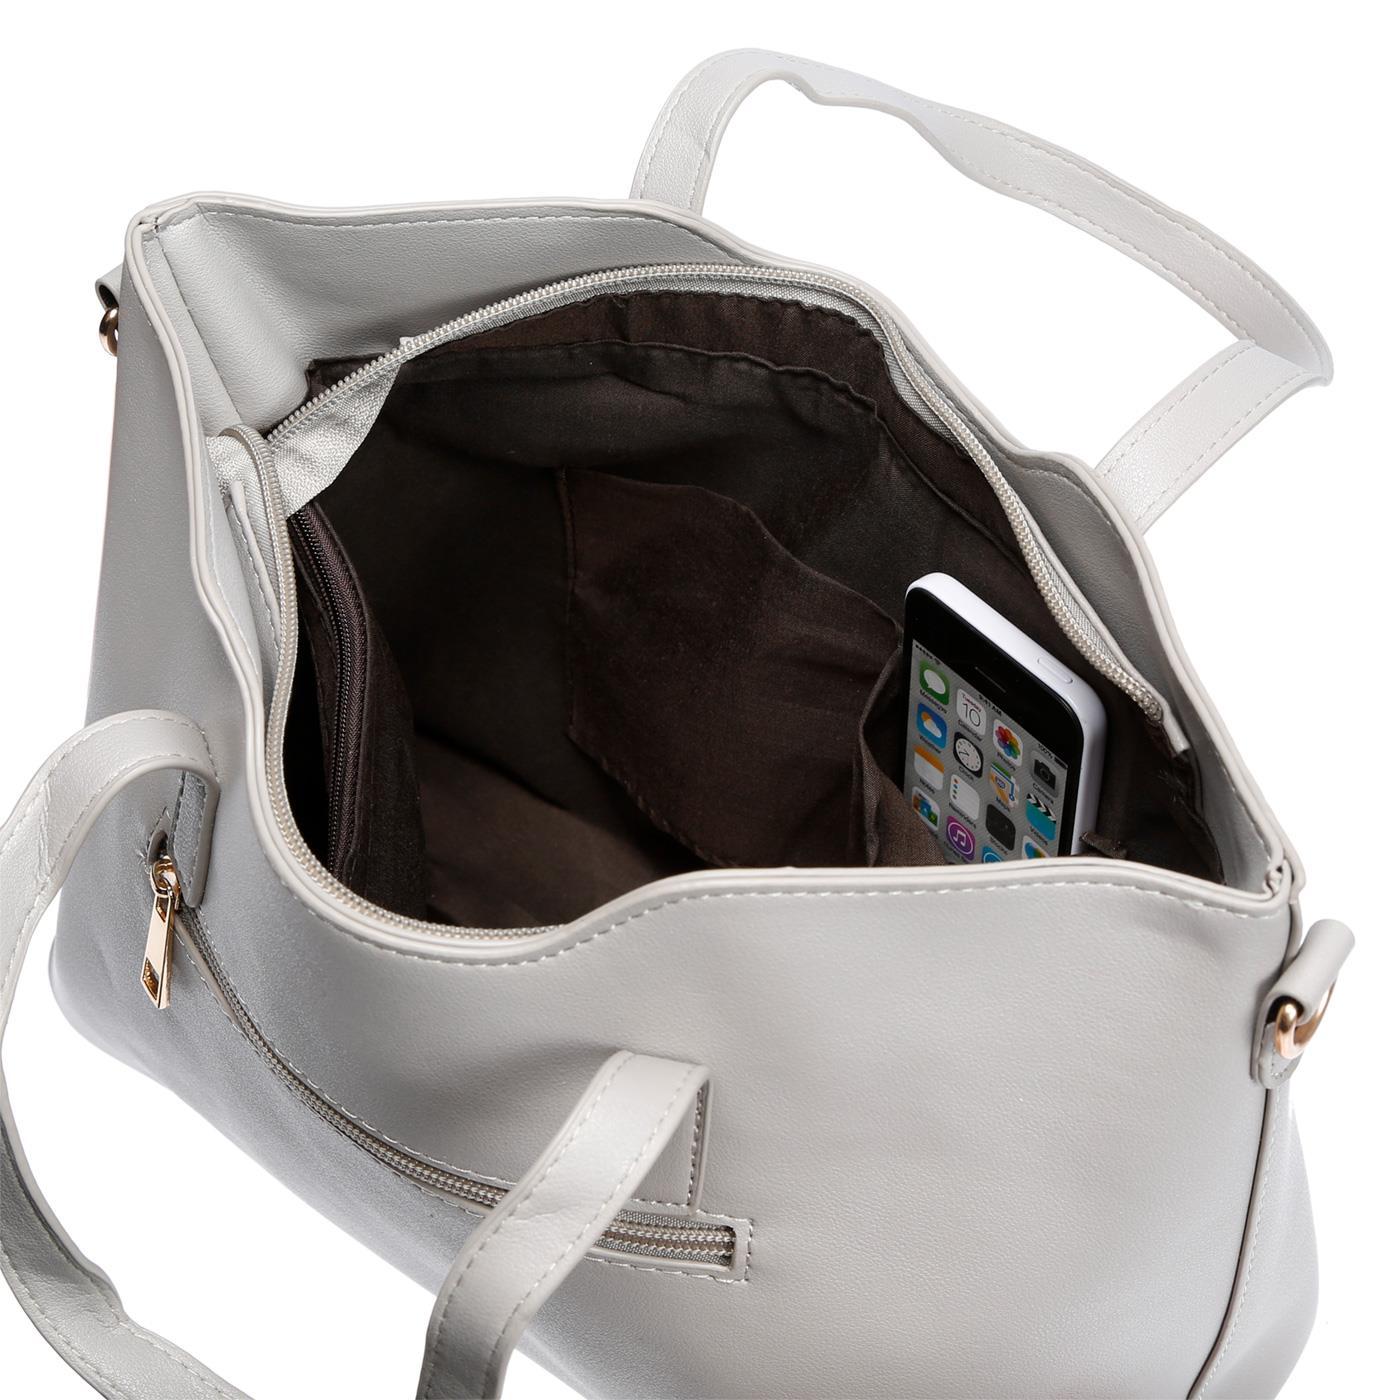 Kossberg-Damen-Tasche-Henkeltasche-Schultertasche-Umhaengetasche-Leder-Optik-Bag Indexbild 53